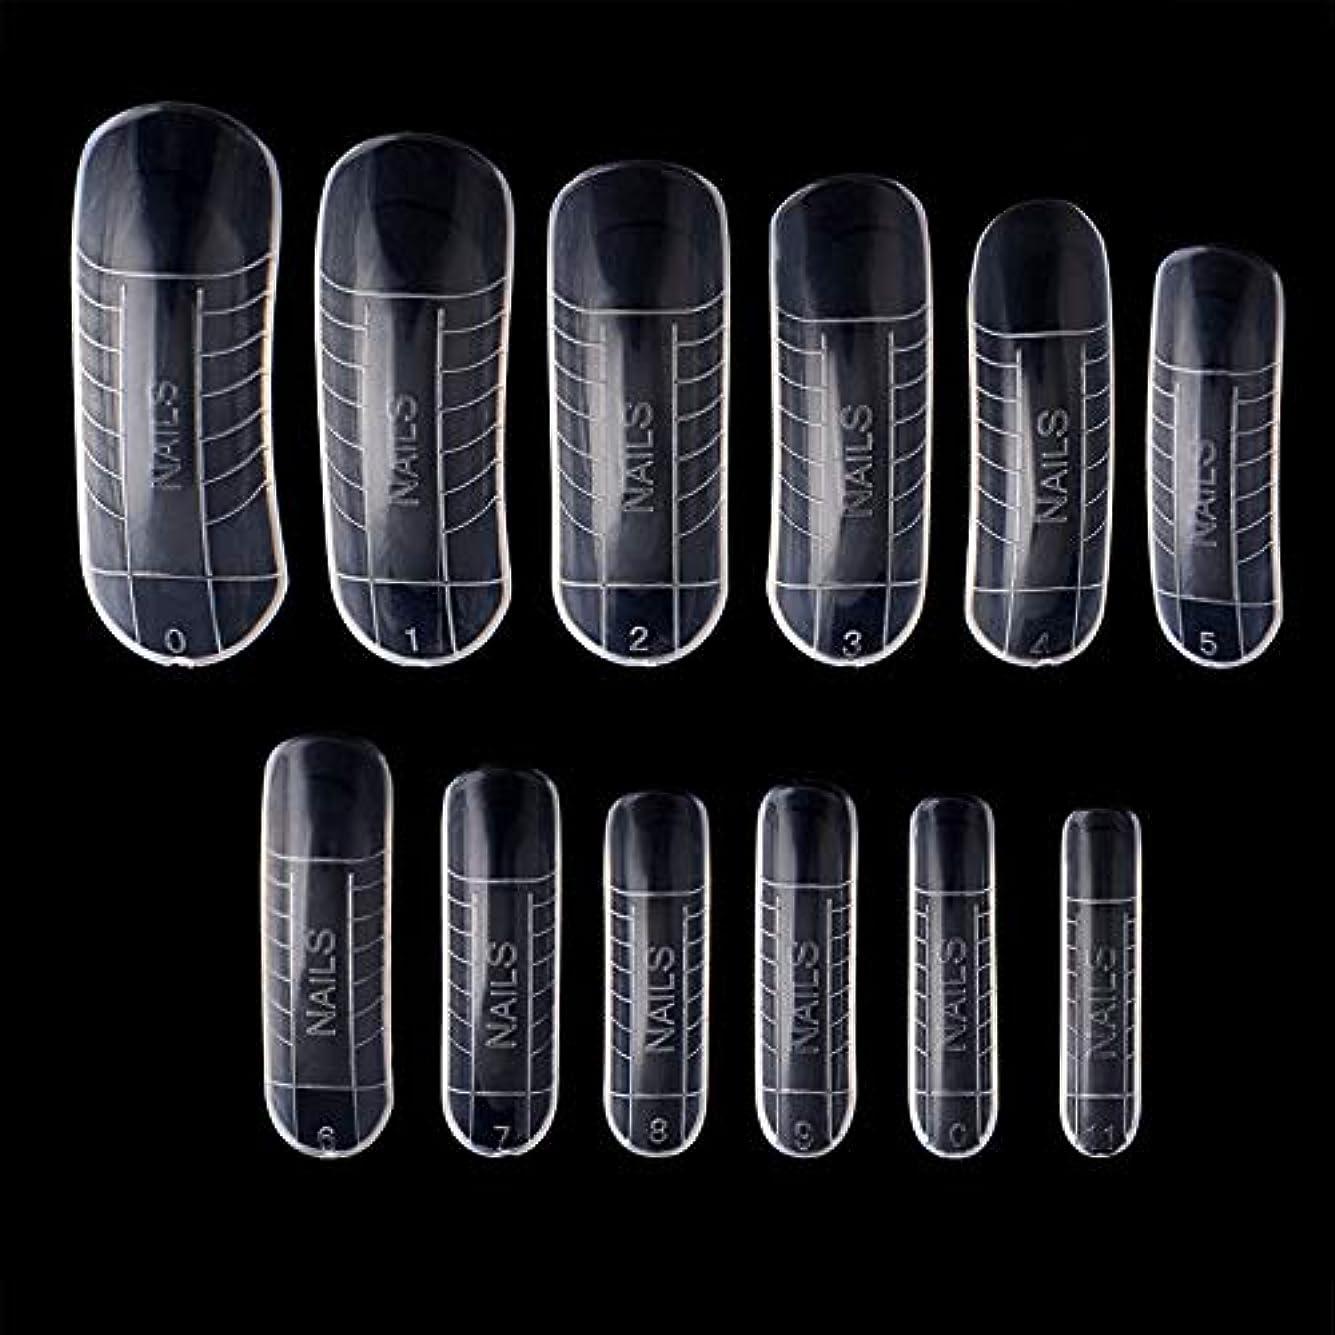 洗剤ターミナル卵Kingsie ネイルチップ フォーム 長さ出し クリアネイルチップ ロング ネイルアートツール 透明 メモリ入り ポリジェルツール 12サイズ 120枚セット